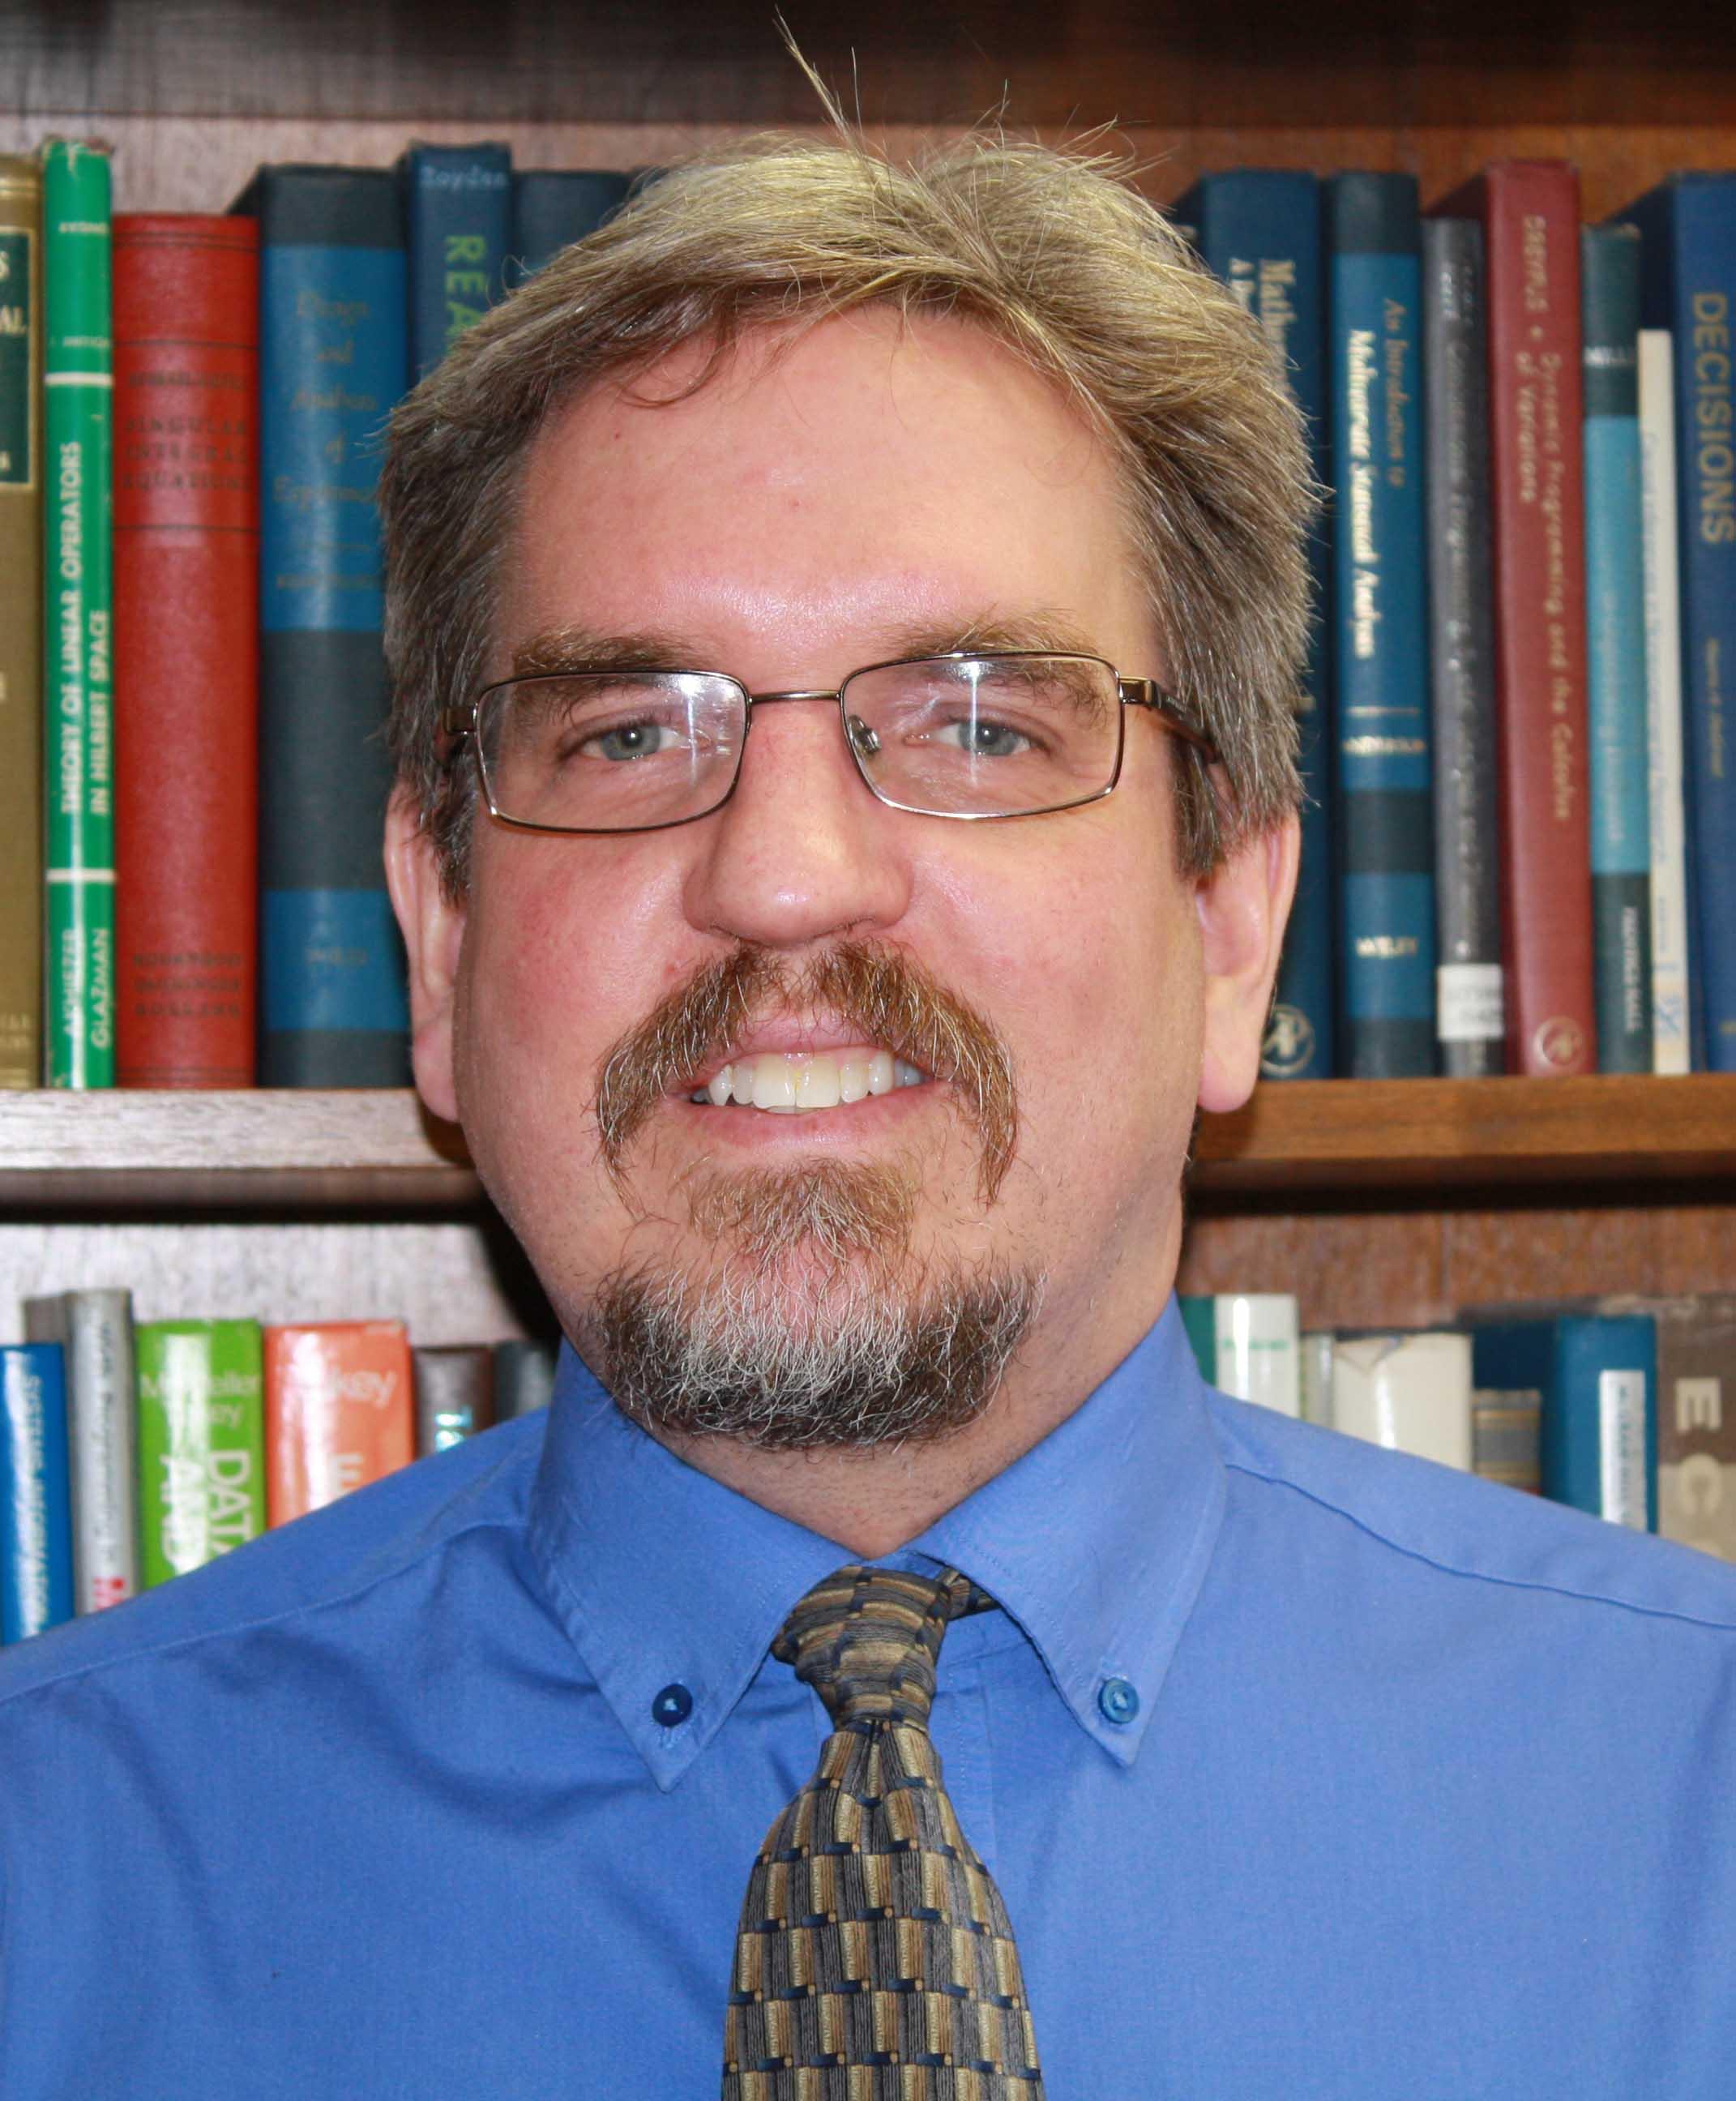 Eric Stellwagen